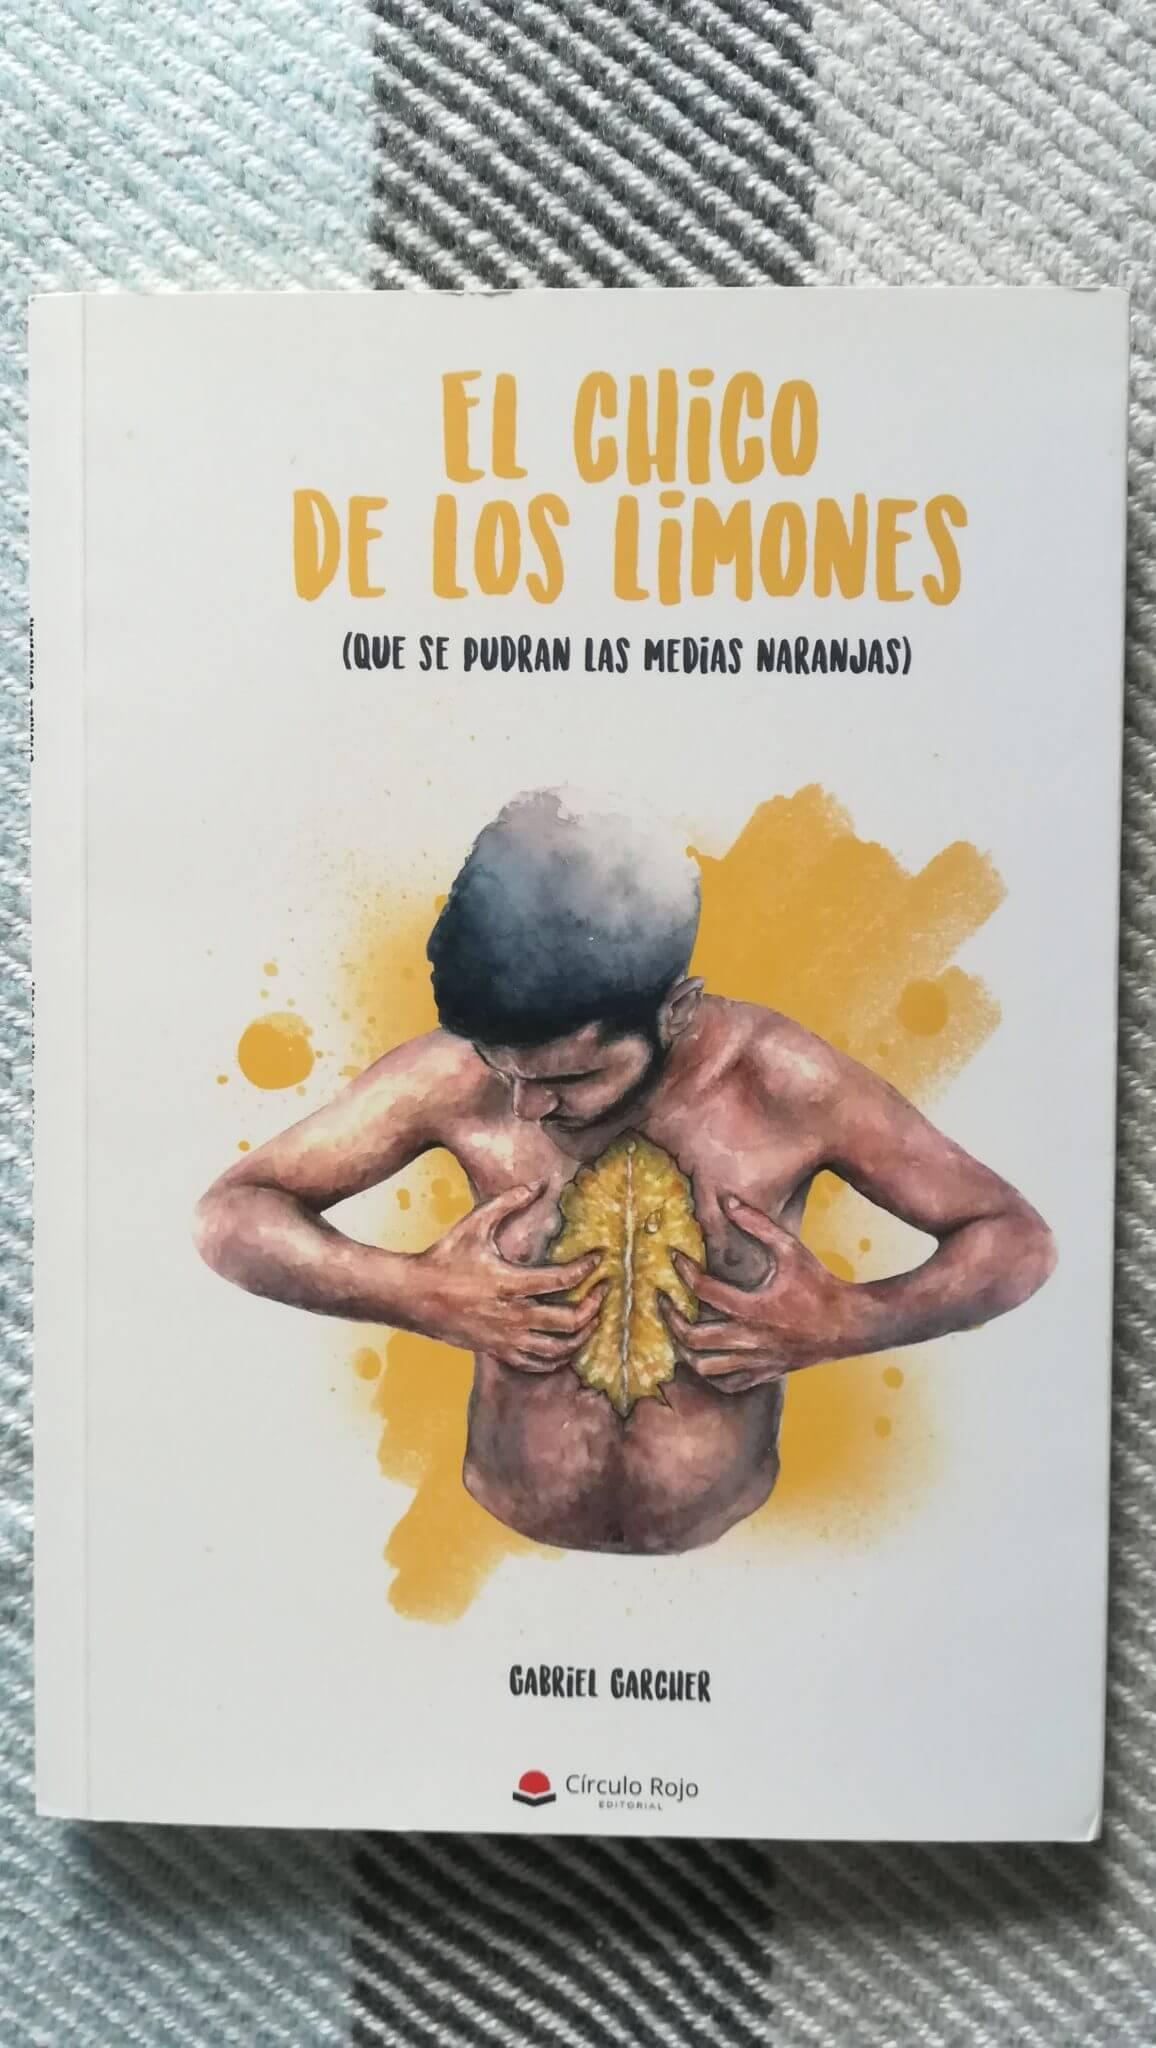 El chico de los limones (que se pudran las medias naranjas) – Gabriel Garcher